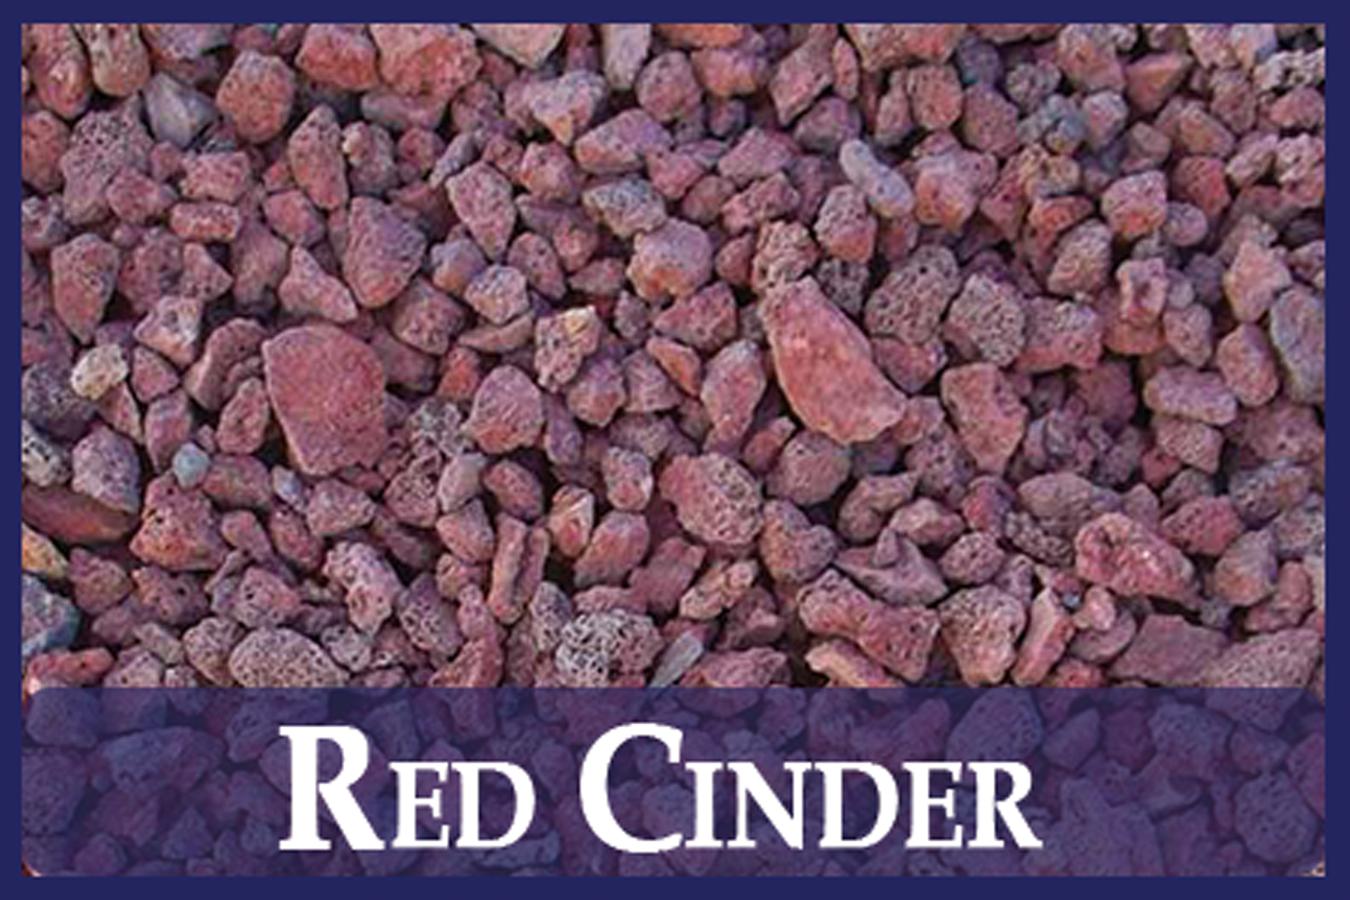 Red Cinder